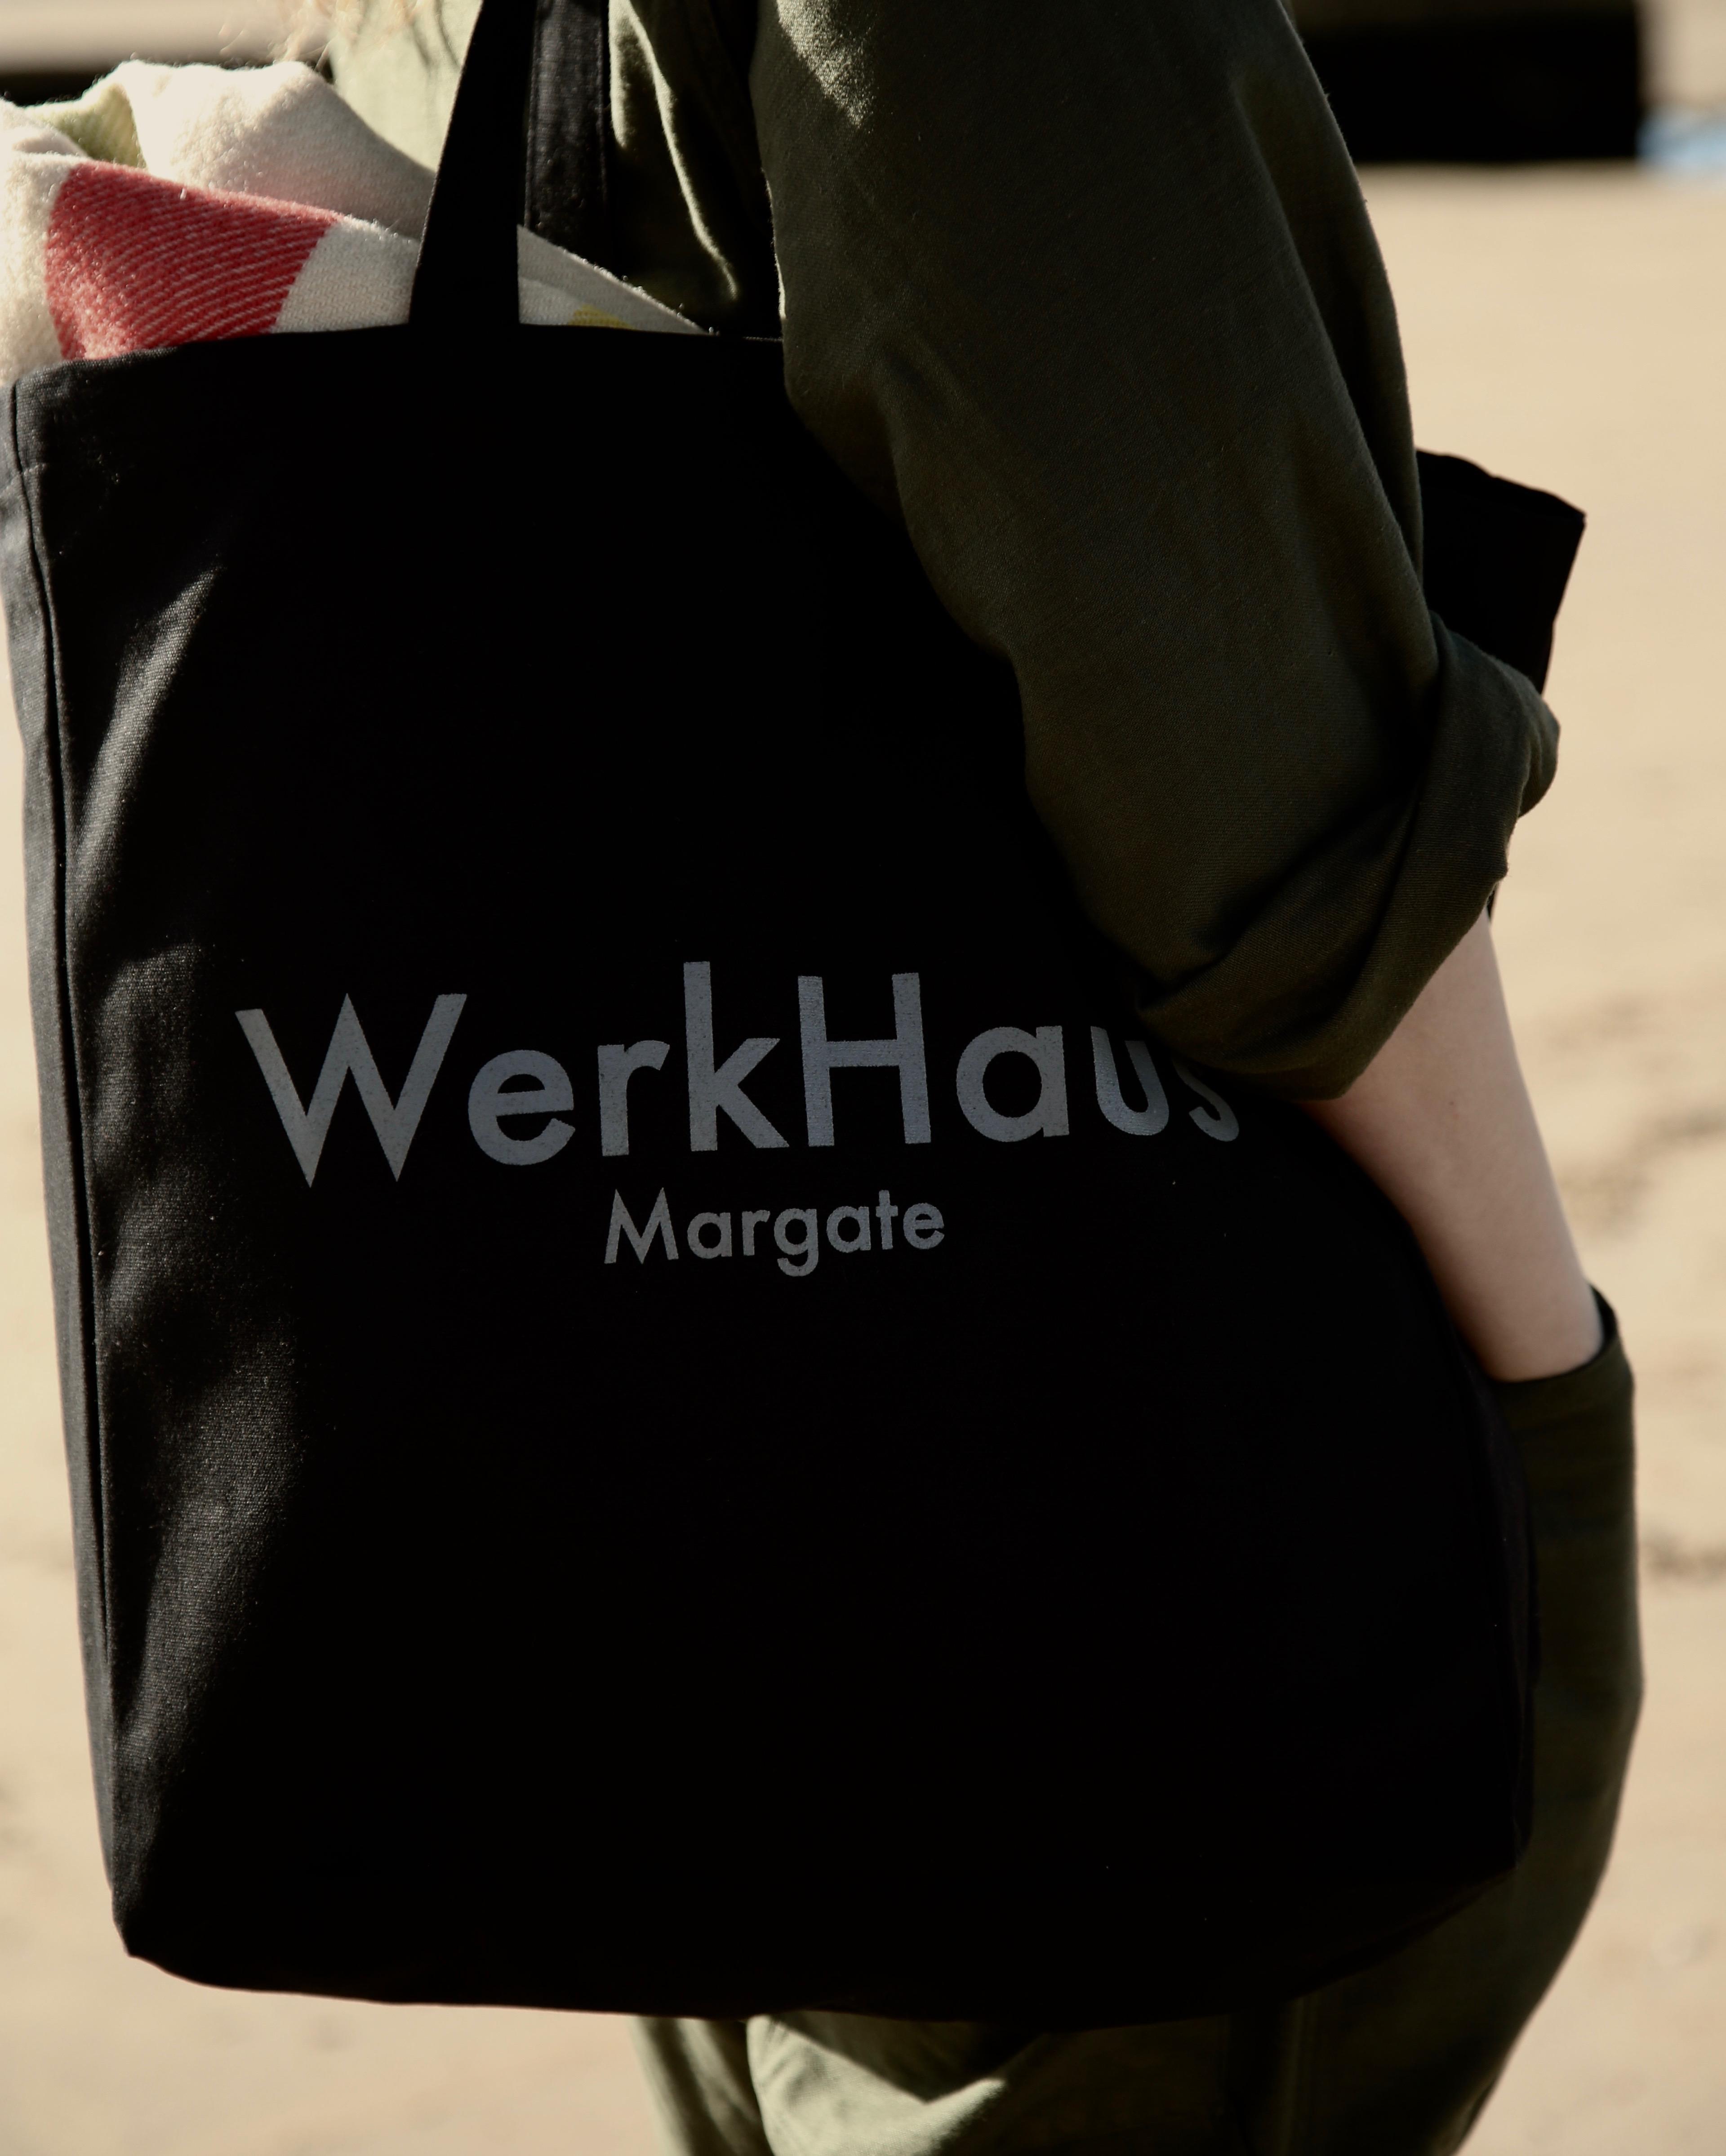 WerkHaus Margate Tote